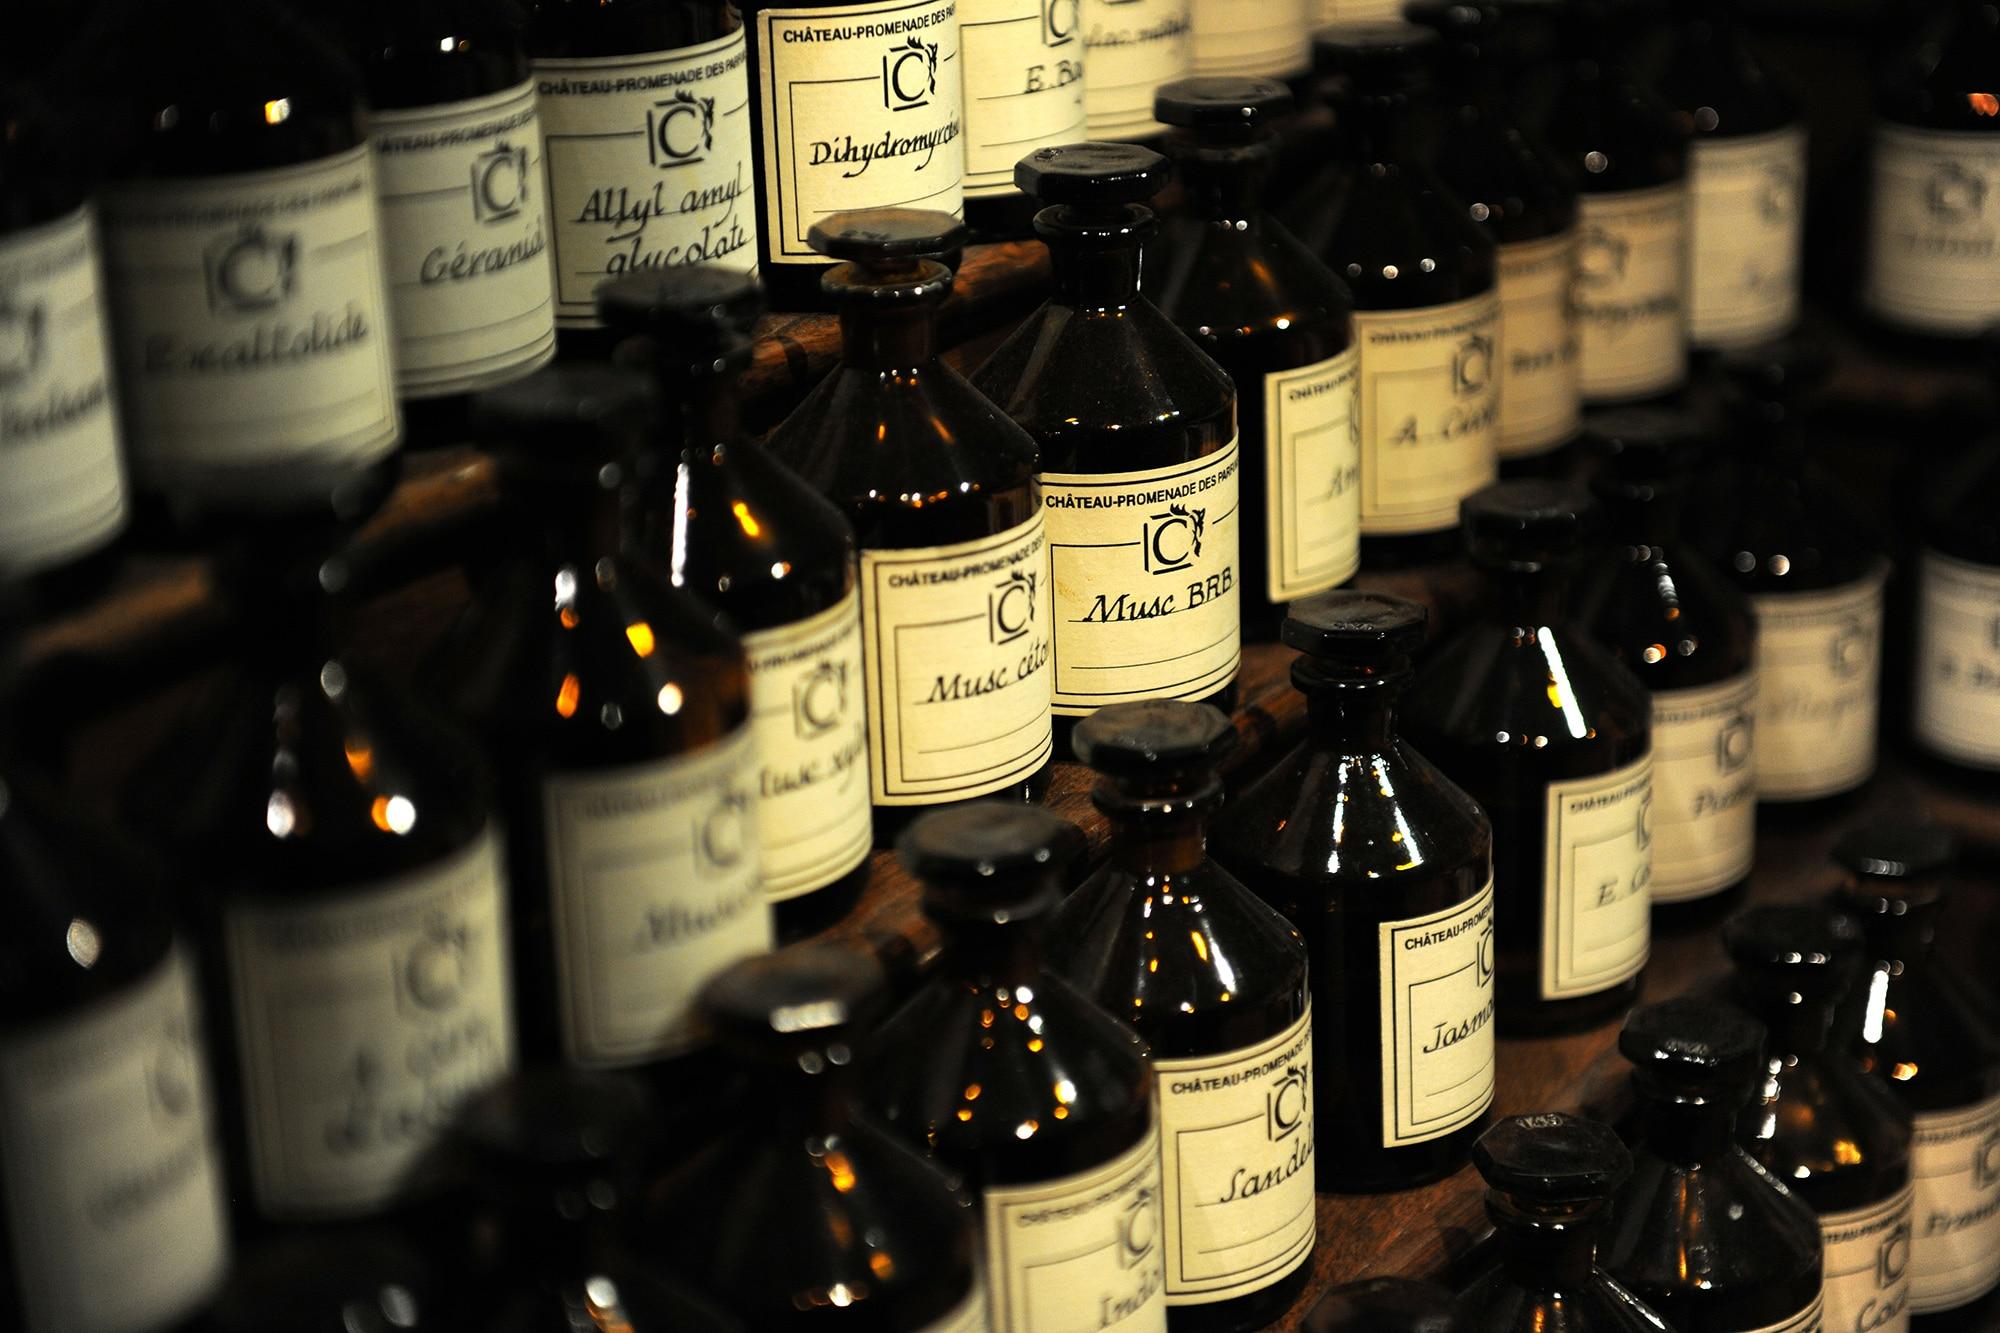 Parfums chateau de chamerolles